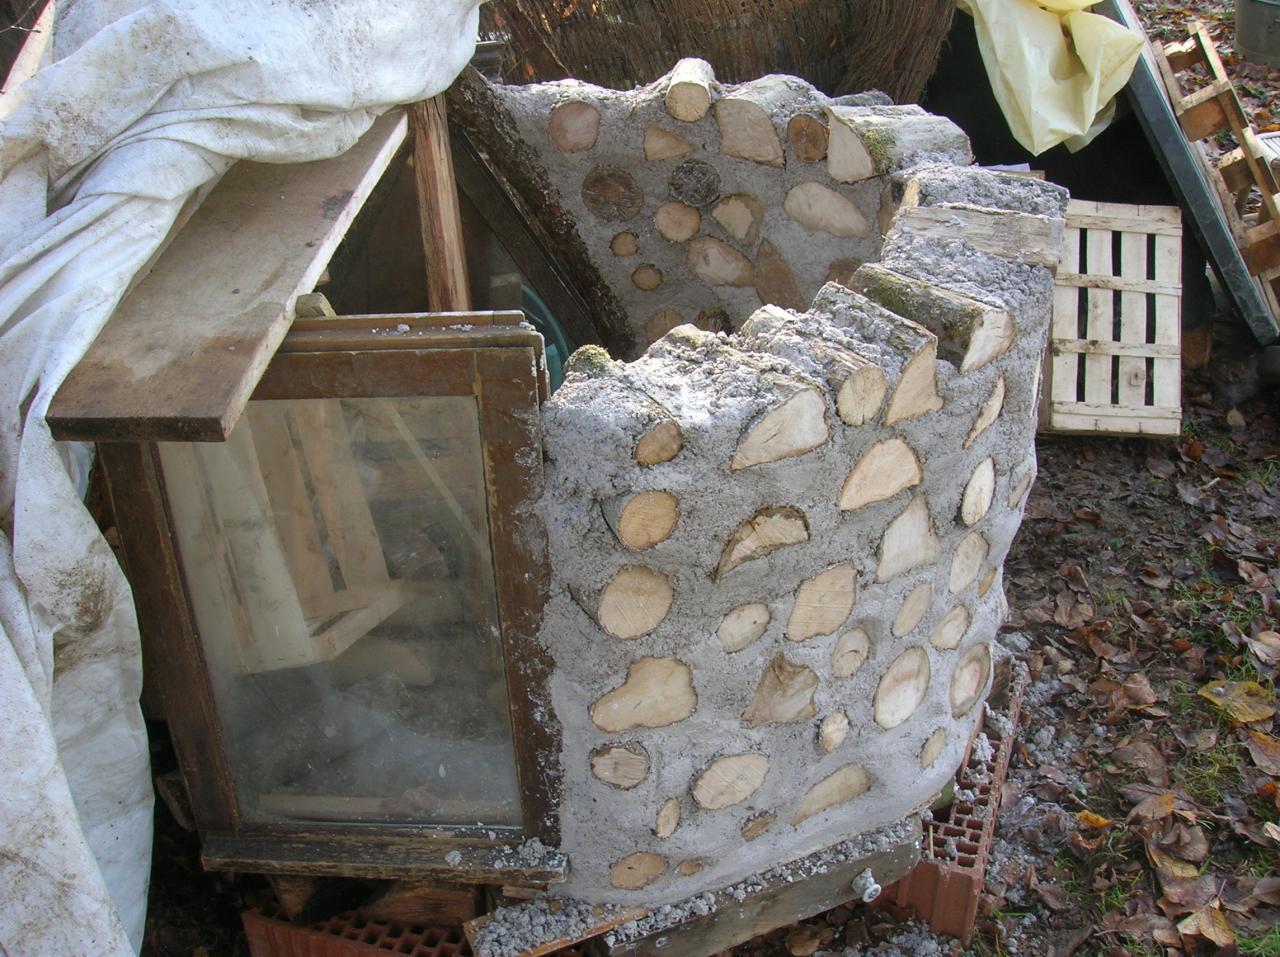 Chauffage ecolo pour chats dans une cabane en bois corde - Plan niche pour chat exterieur ...